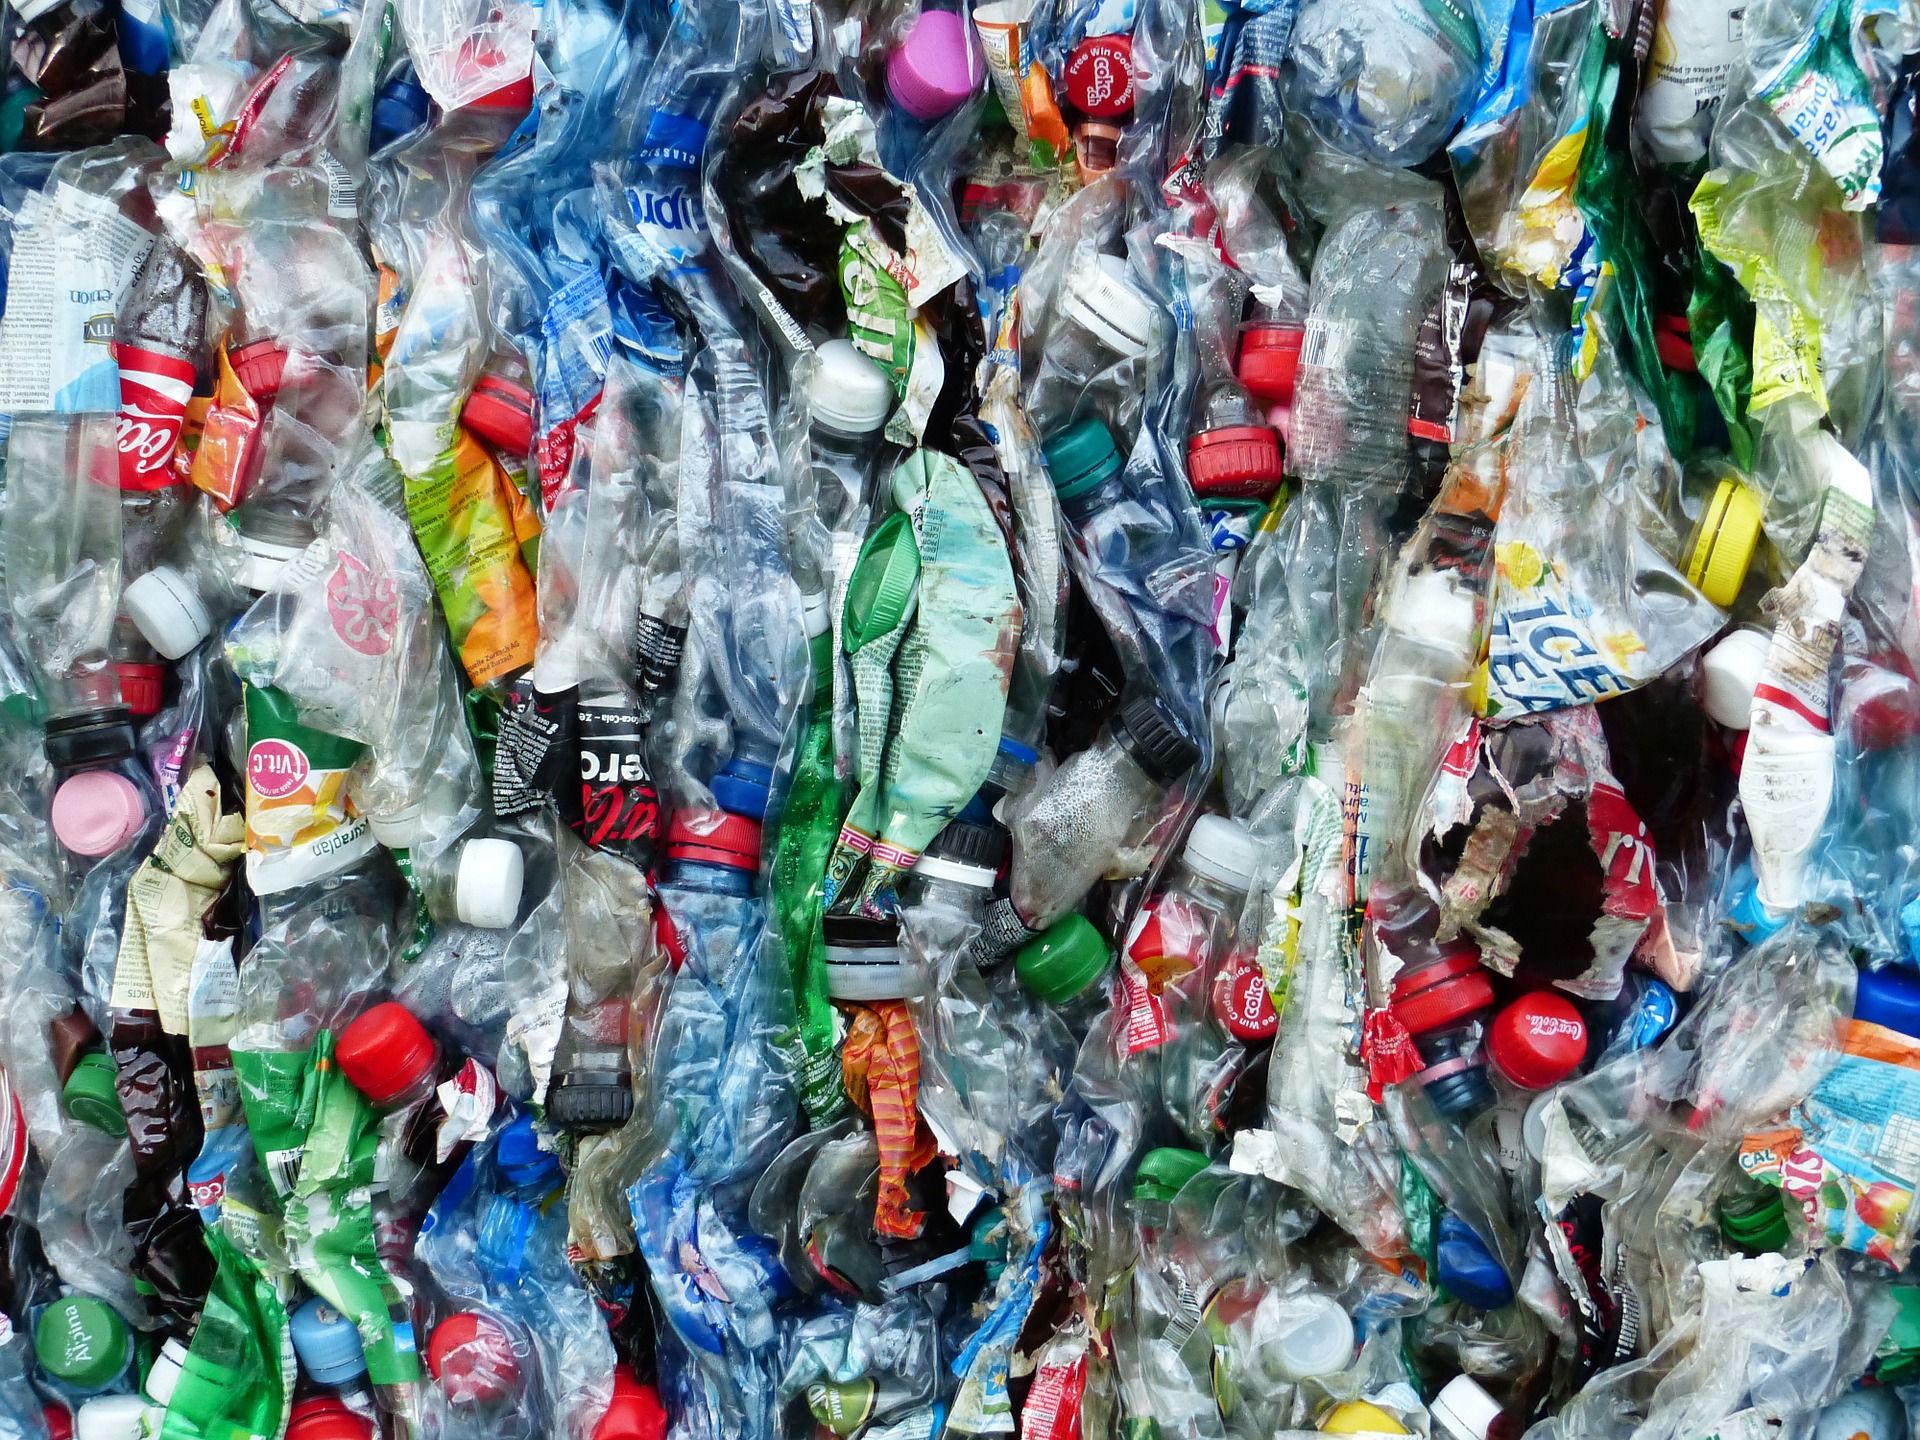 jak produkować mniej śmieci